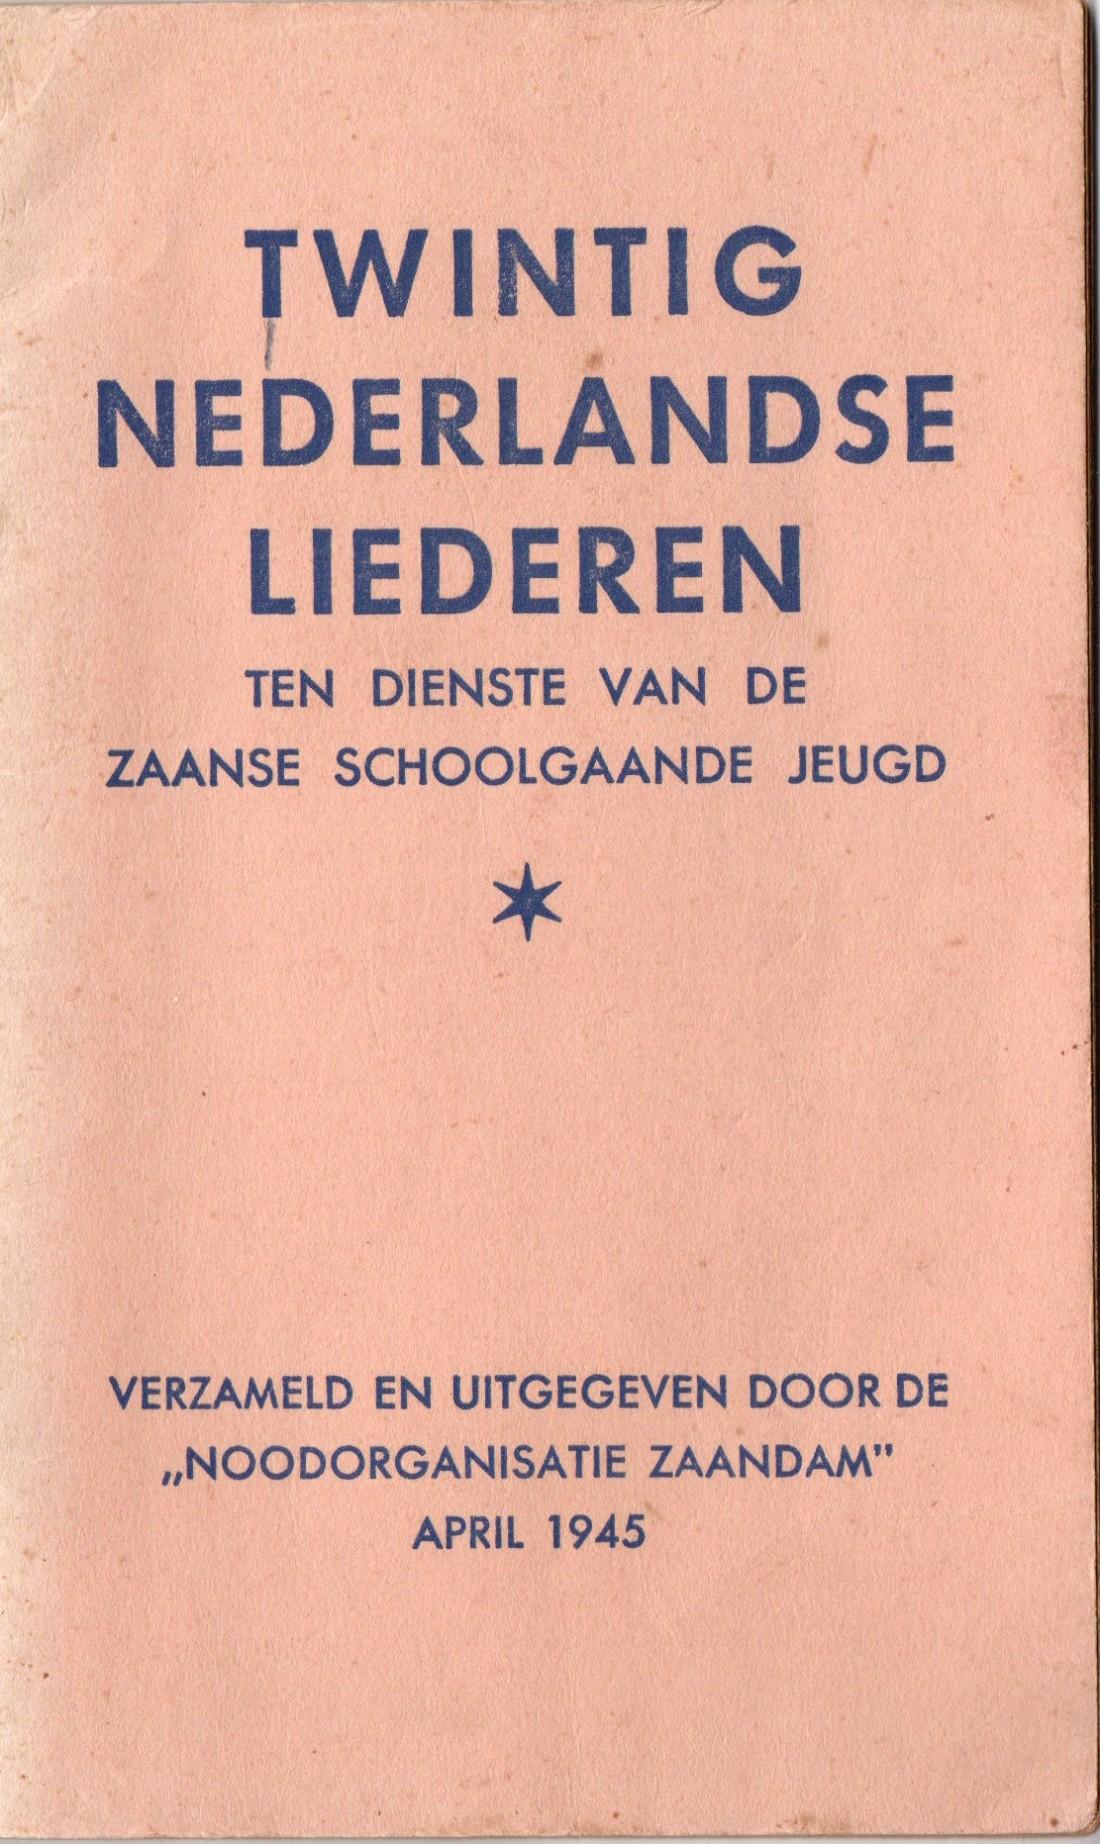 07 Twintig Nederlandse liederen Zaandam 1